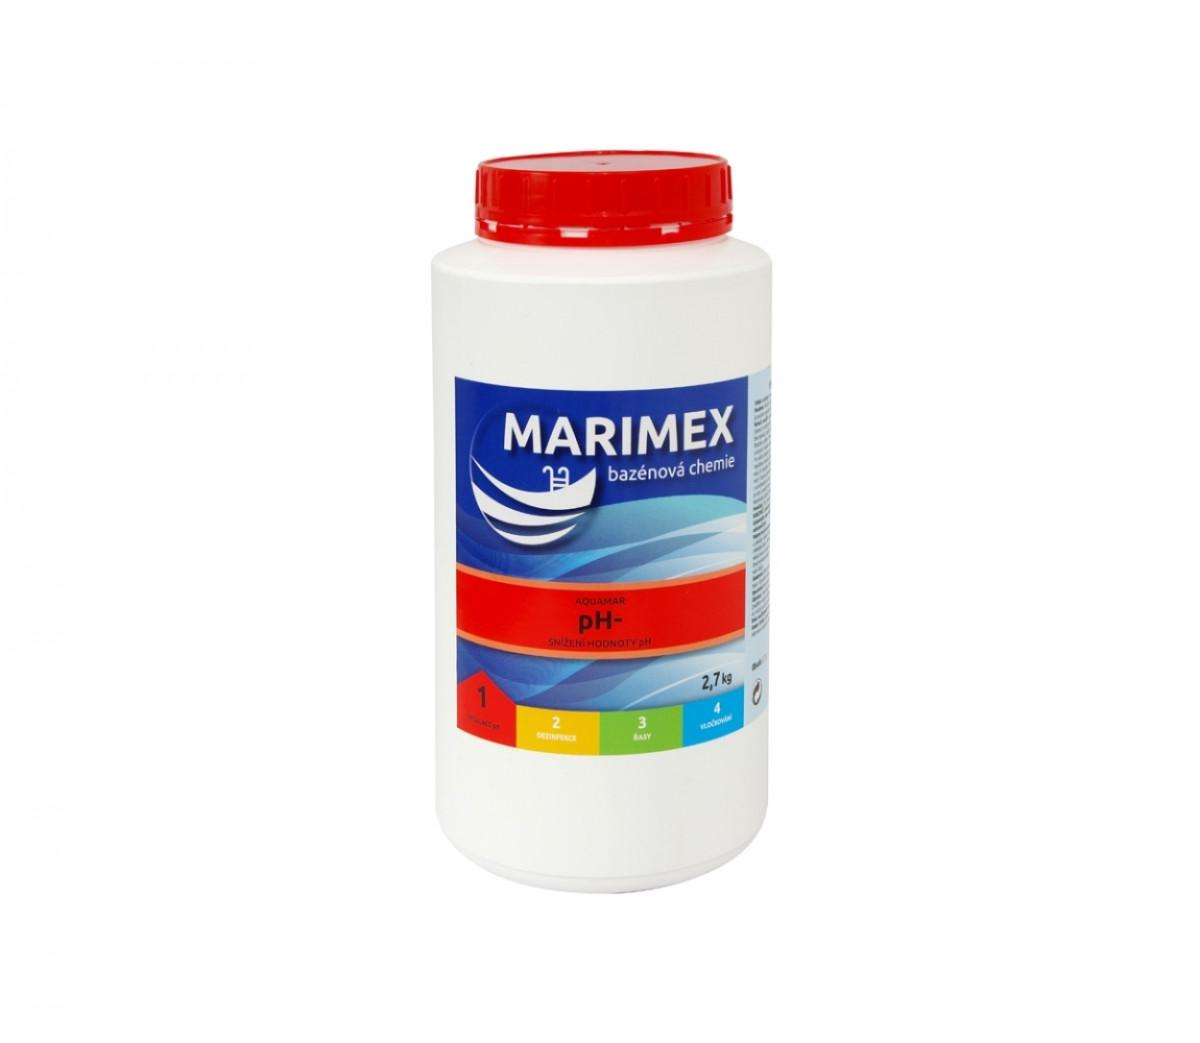 Marimex   Marimex pH- 2,7 kg   11300107